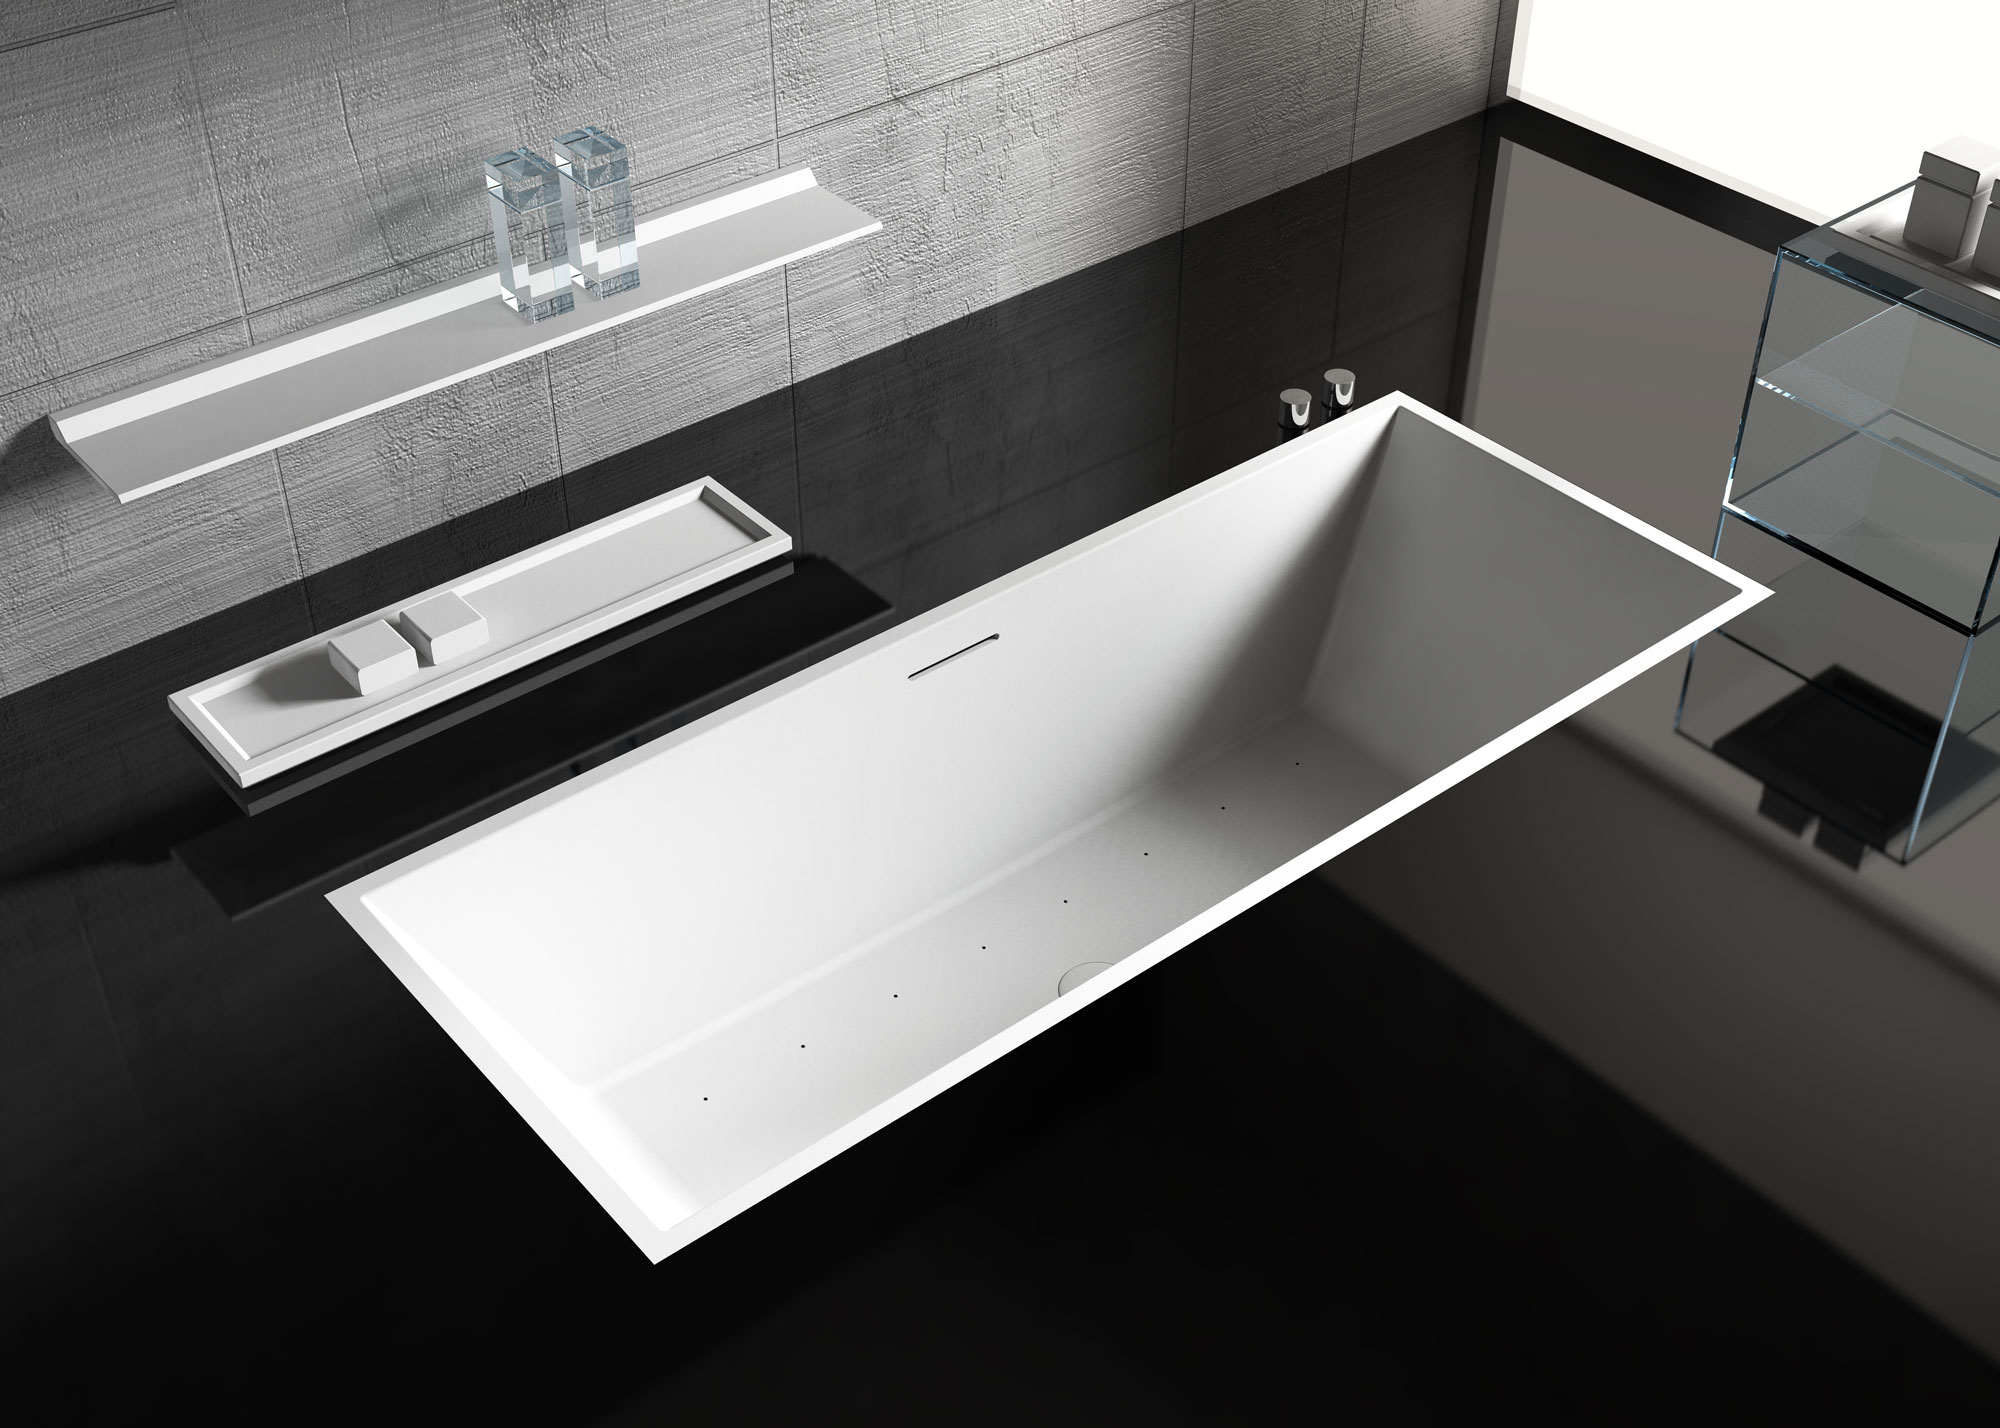 Studio bartolini progettazione rendering d arredo bagno morciano